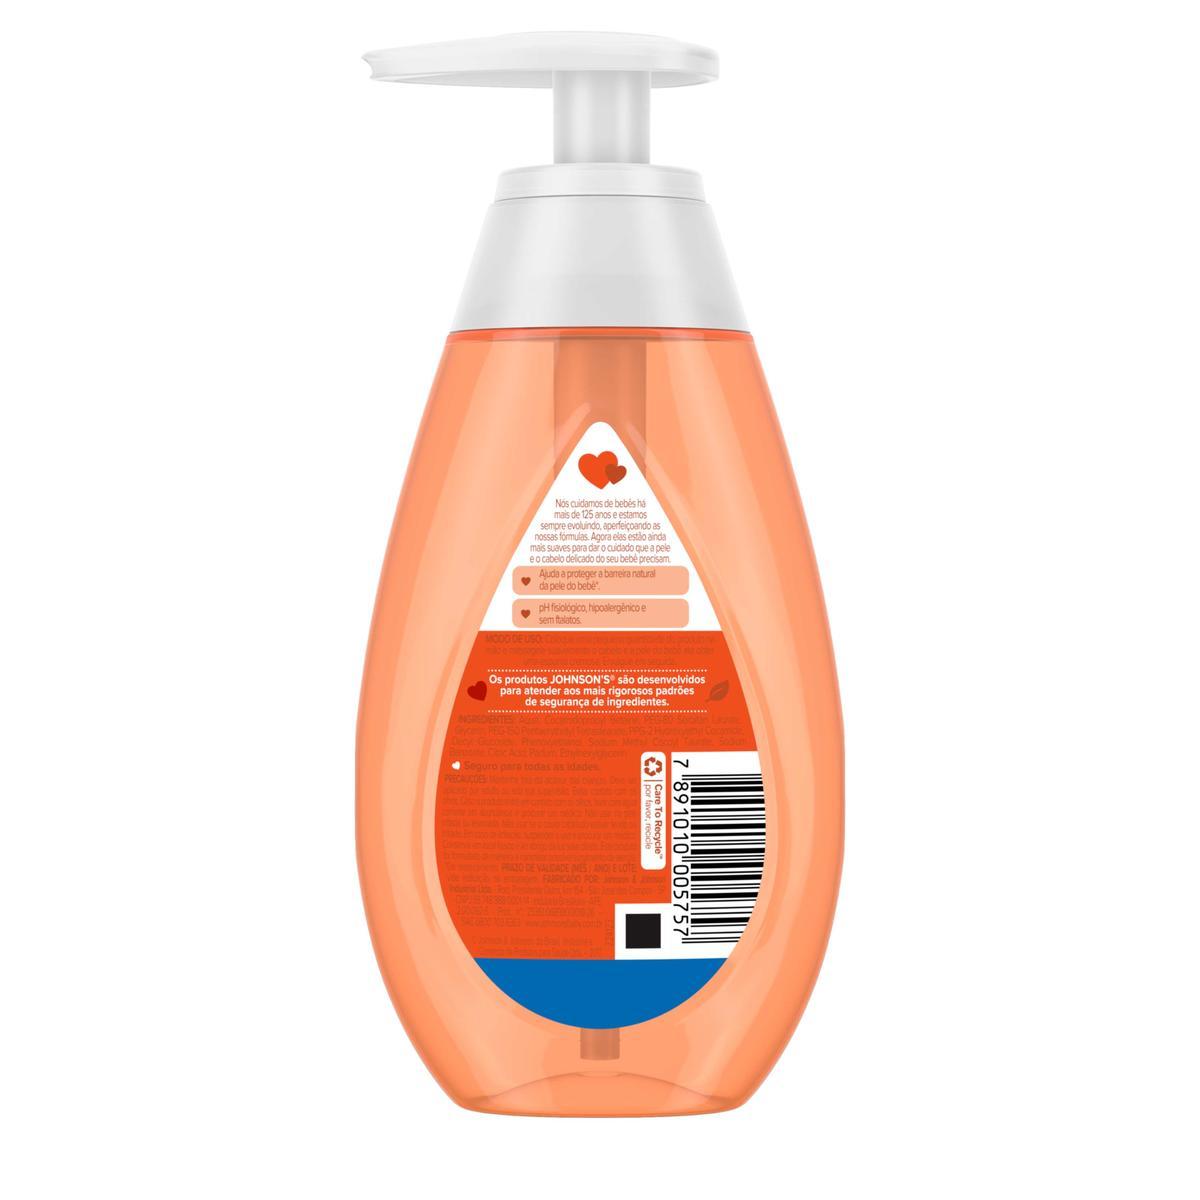 Johnson's® Sabonete Líquido de Glicerina Da Cabeça aos Pés